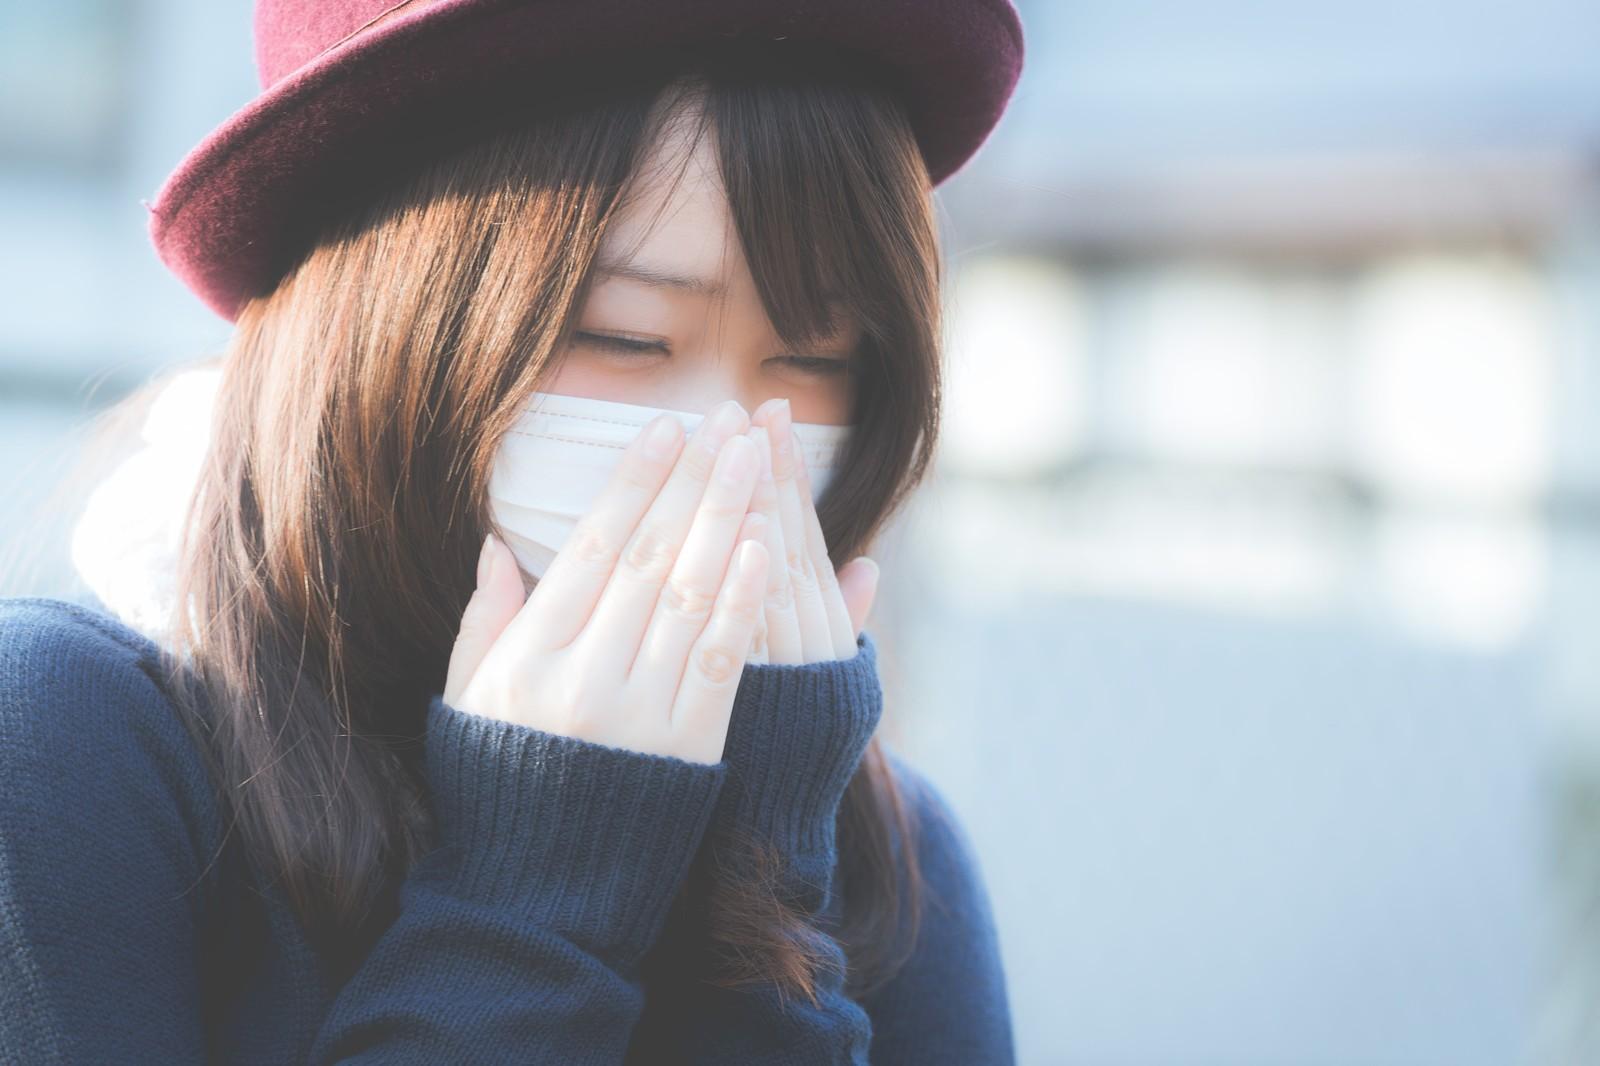 マイコプラズマ肺炎(五輪肺炎)が増えています!晩秋から早春にかけての感染が多い